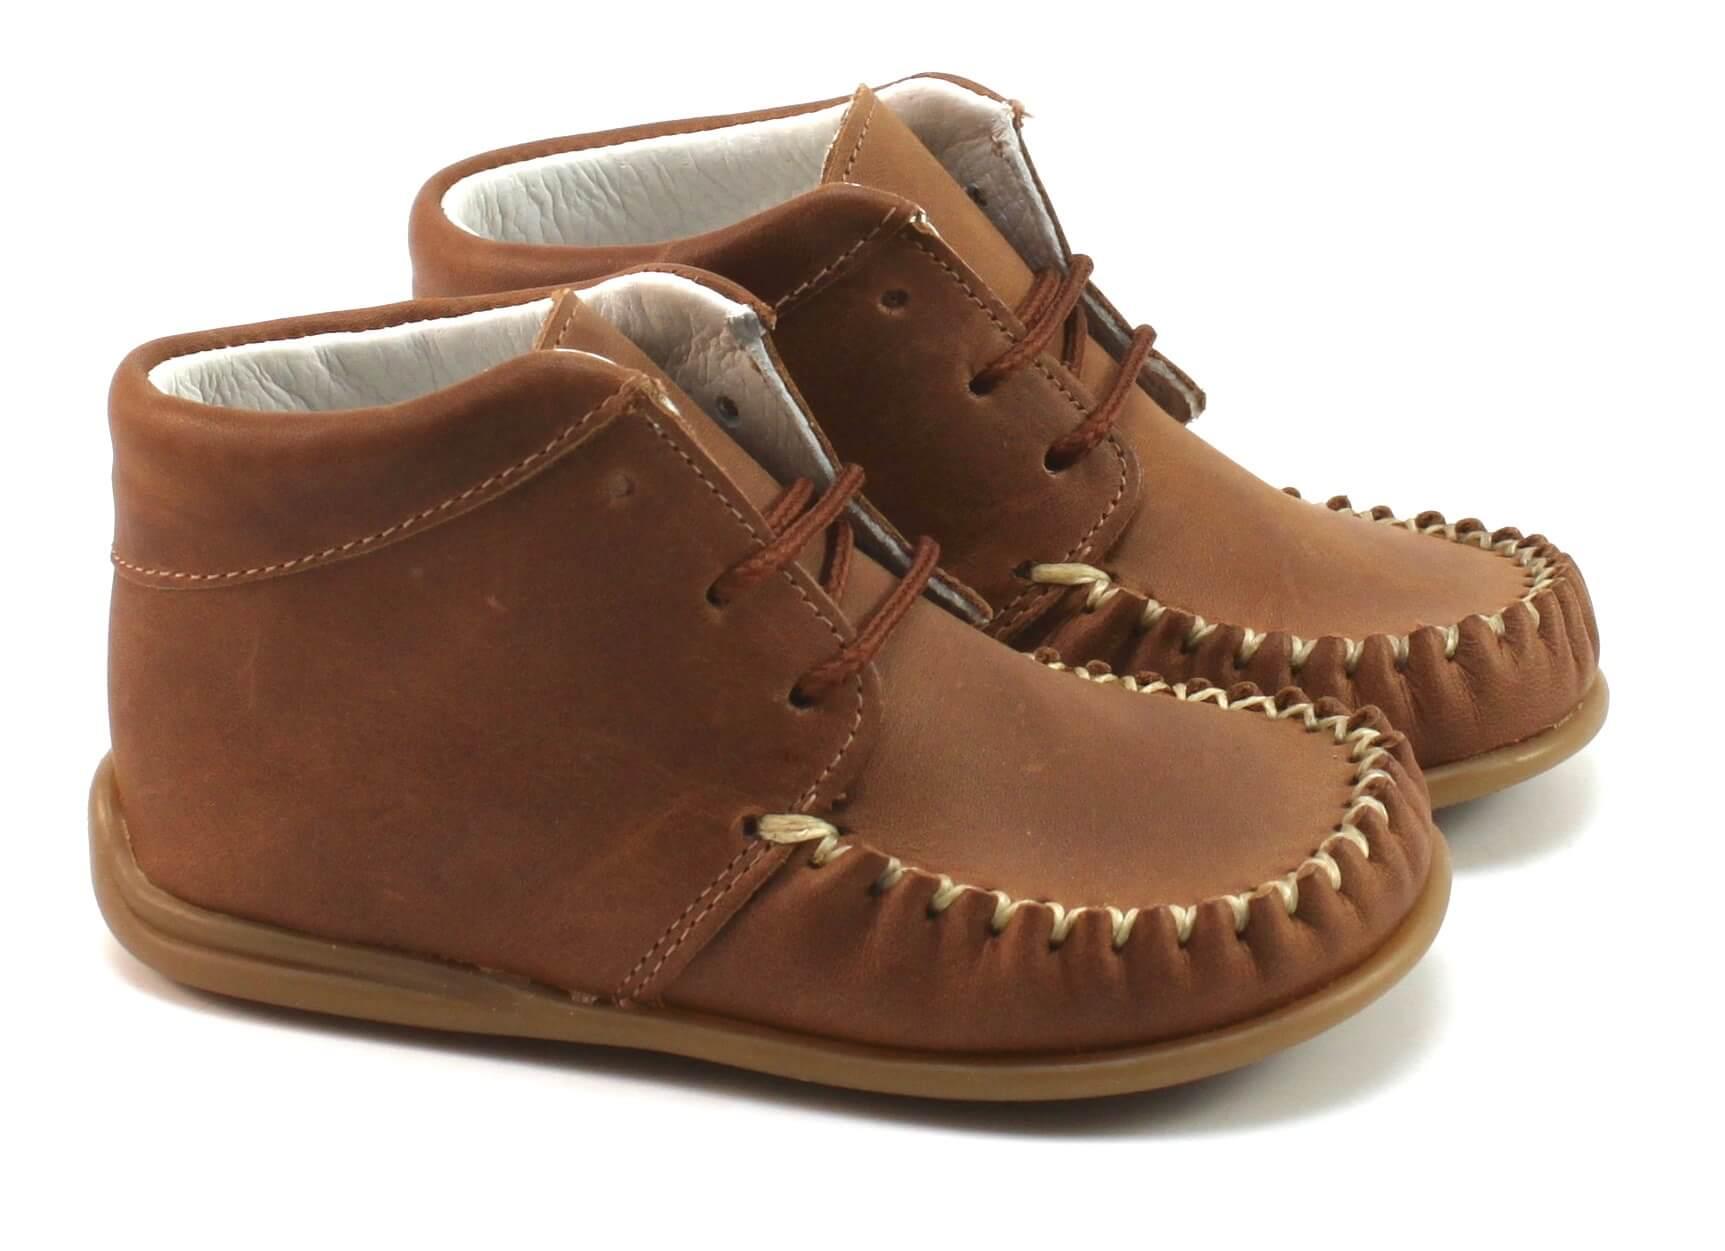 Bardossa Kinderschoenen.Kimba Arizona Espanol De Babyschoen Voor De Eerste Stapjes Bardossa